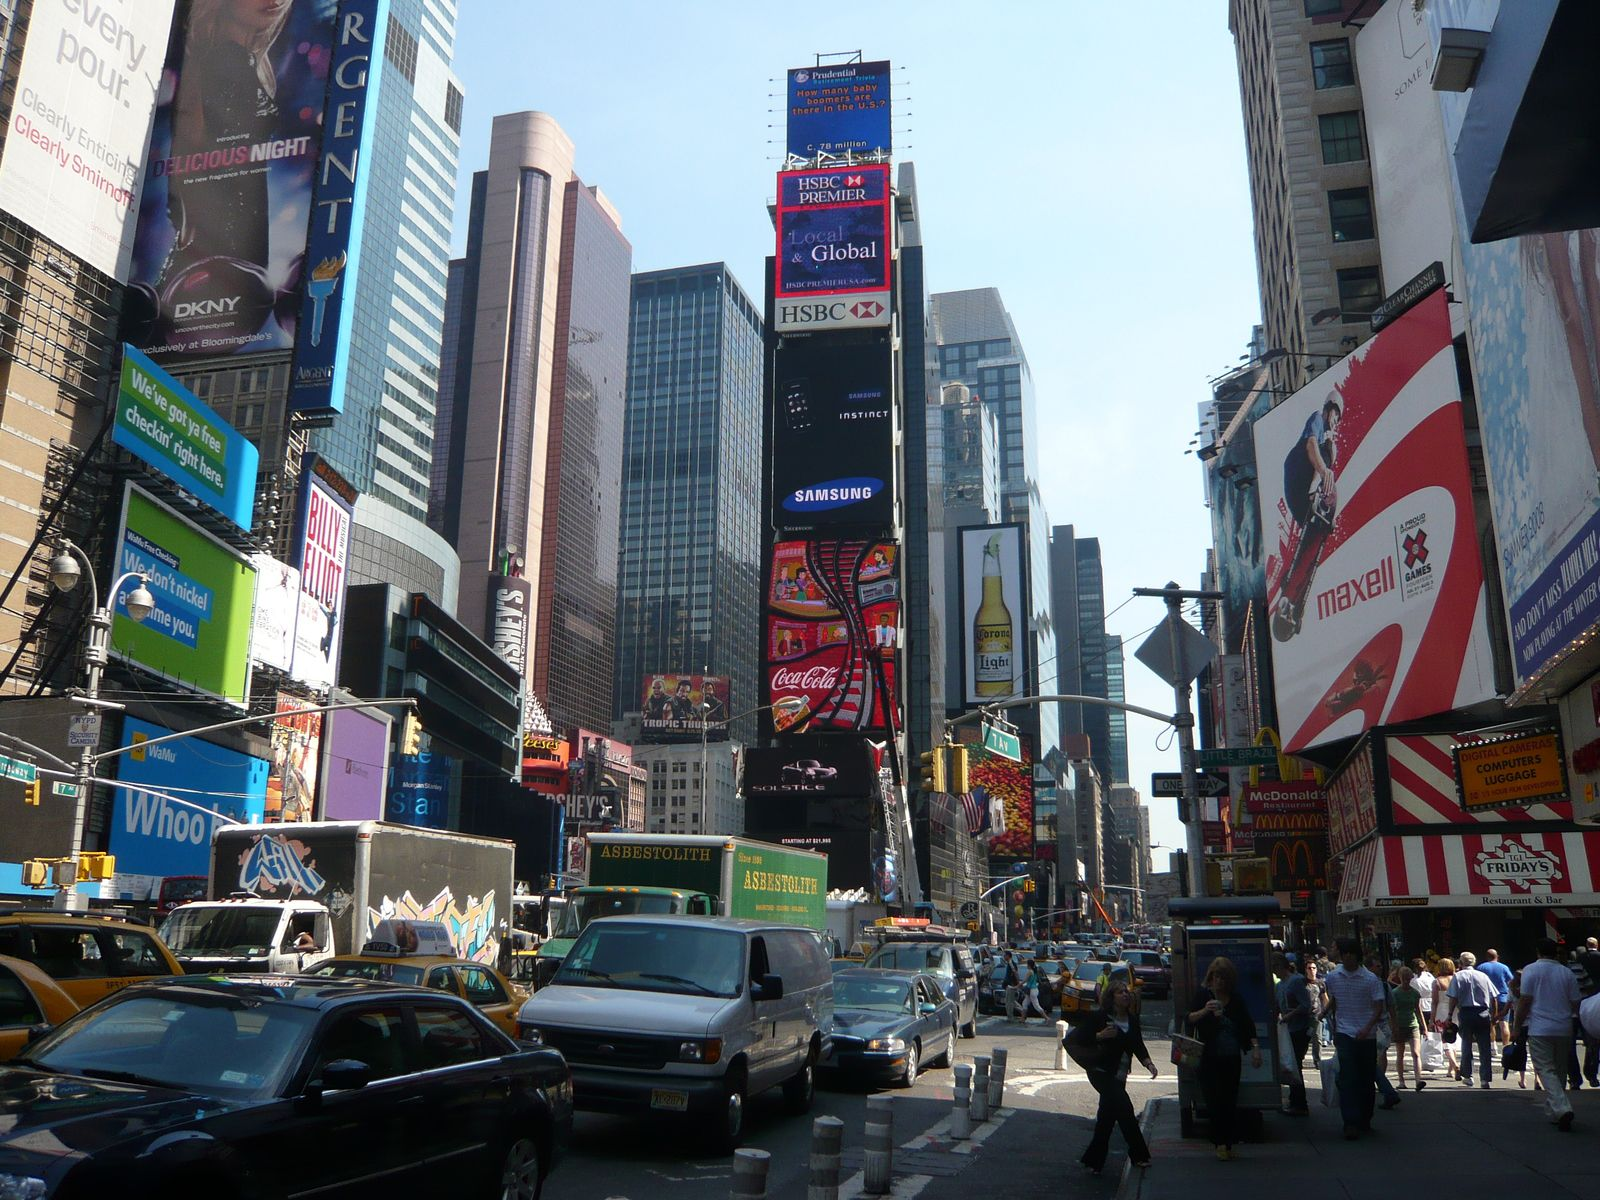 Une nuit à Times Square